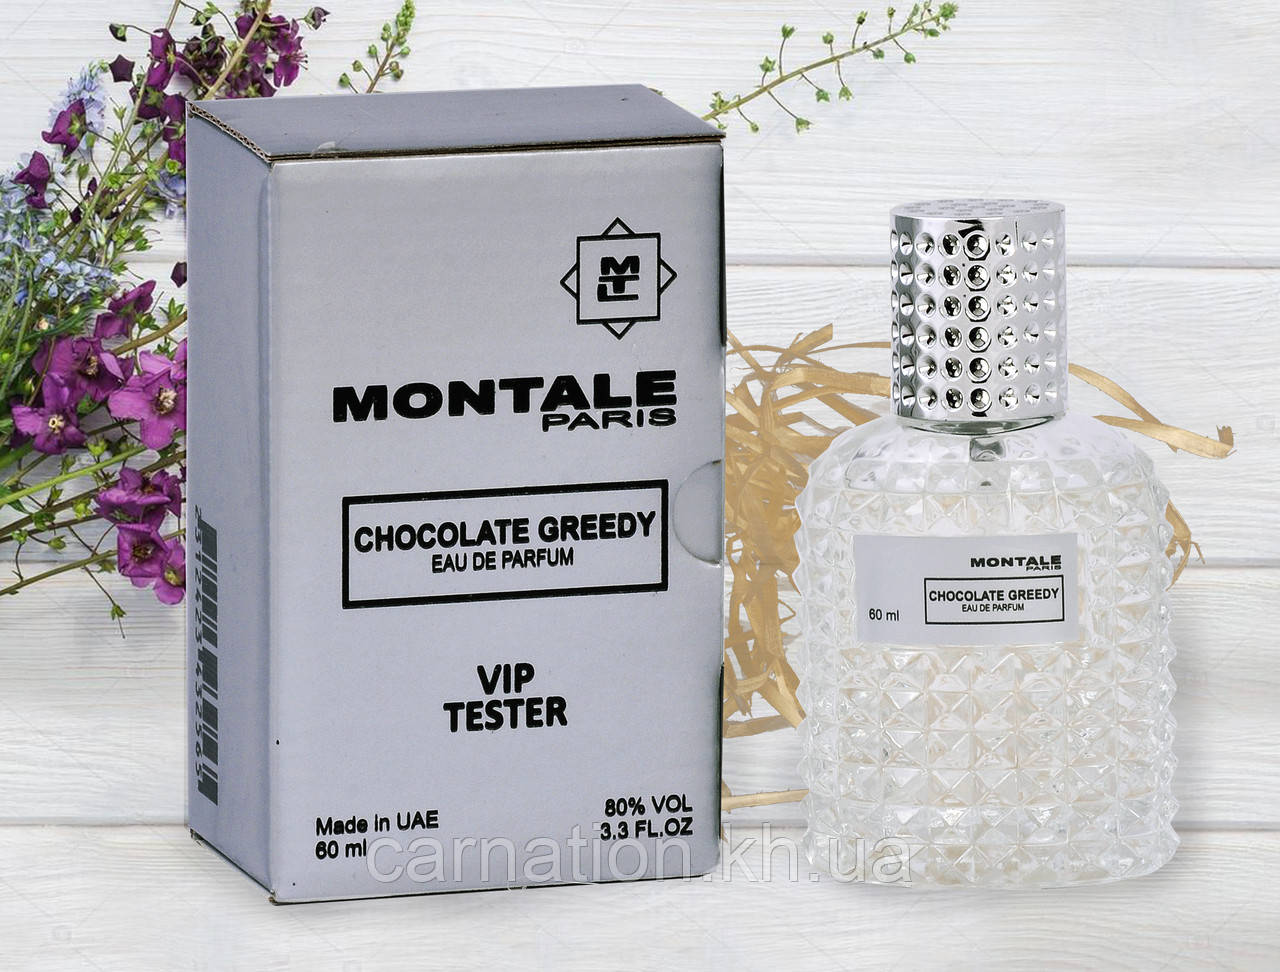 Тестер унисекс  Montale Chocolate Greedy Vip (Монталь Чоколат Гриди) 60 мл